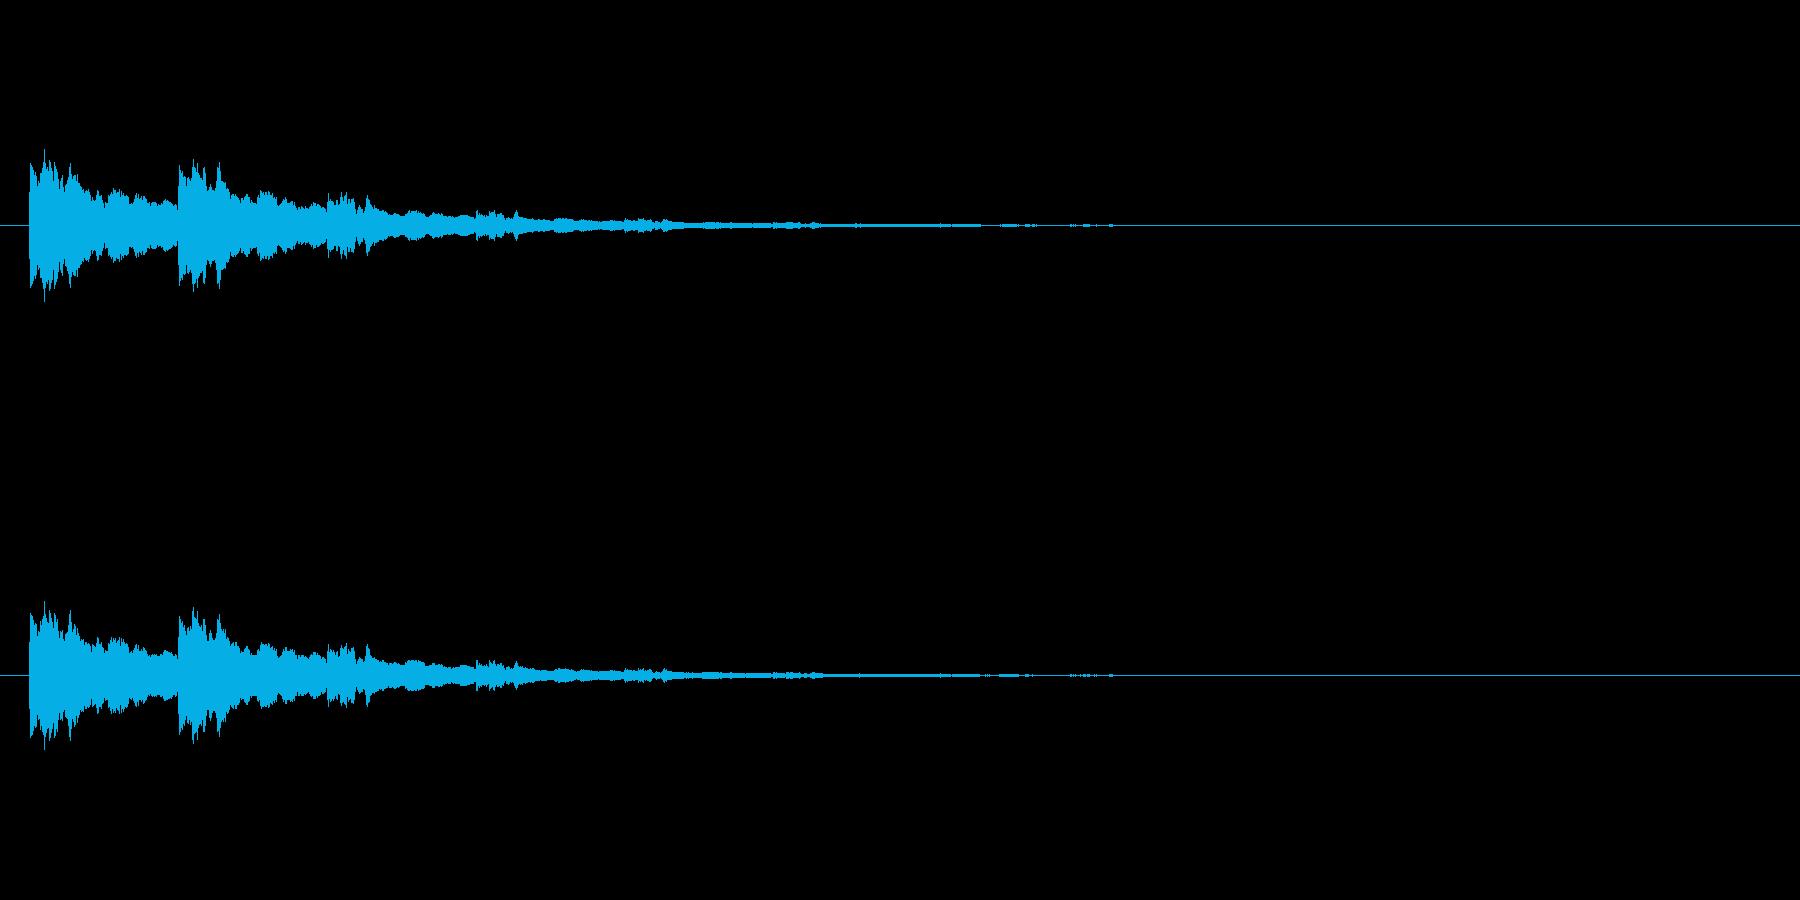 【ひらめき10-3】の再生済みの波形